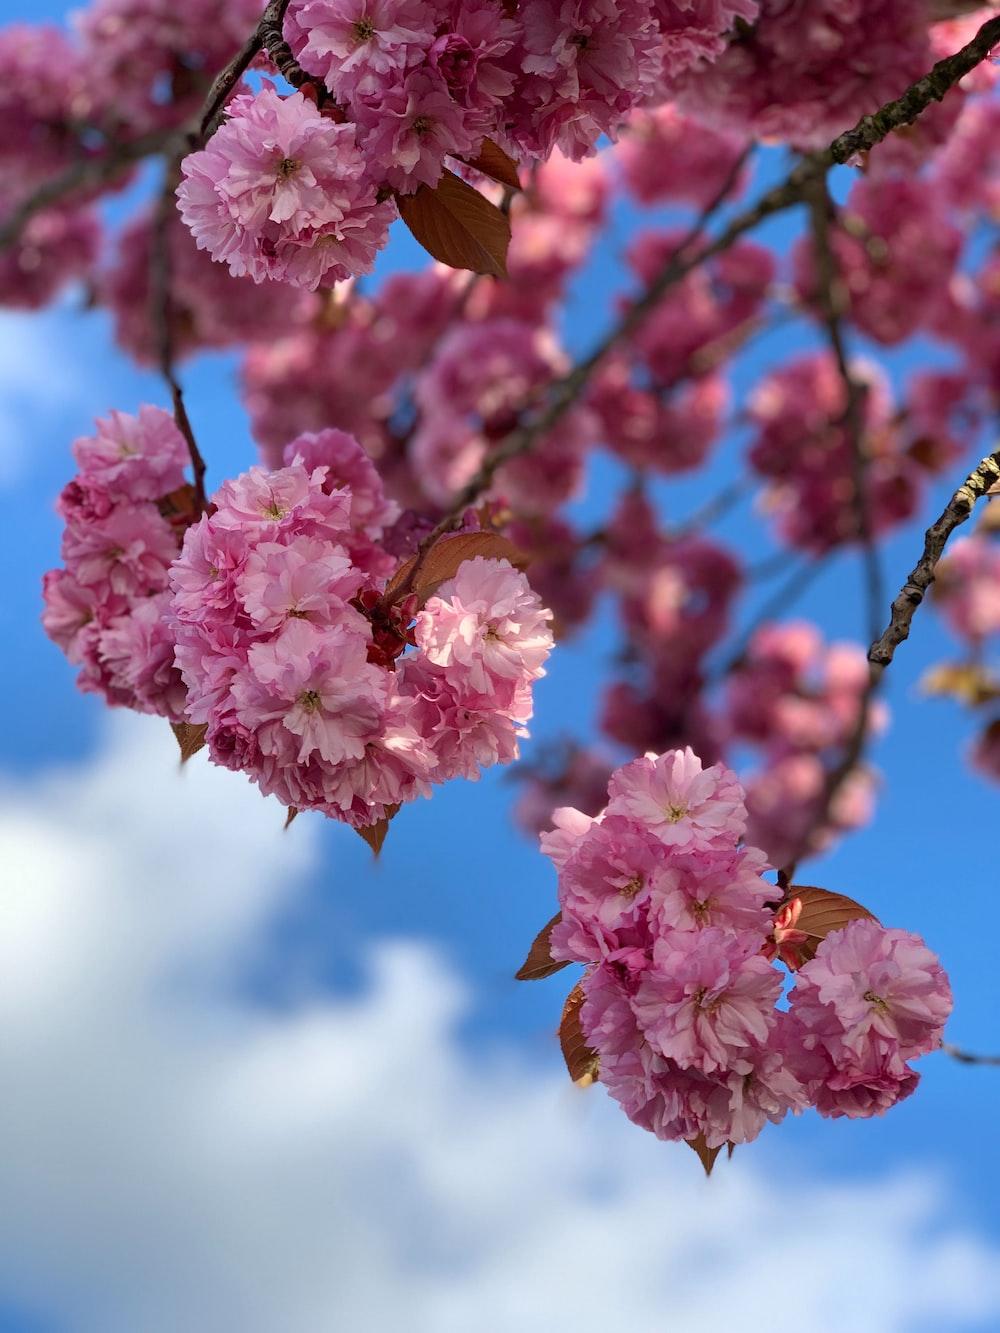 pink flowering tree during daytime